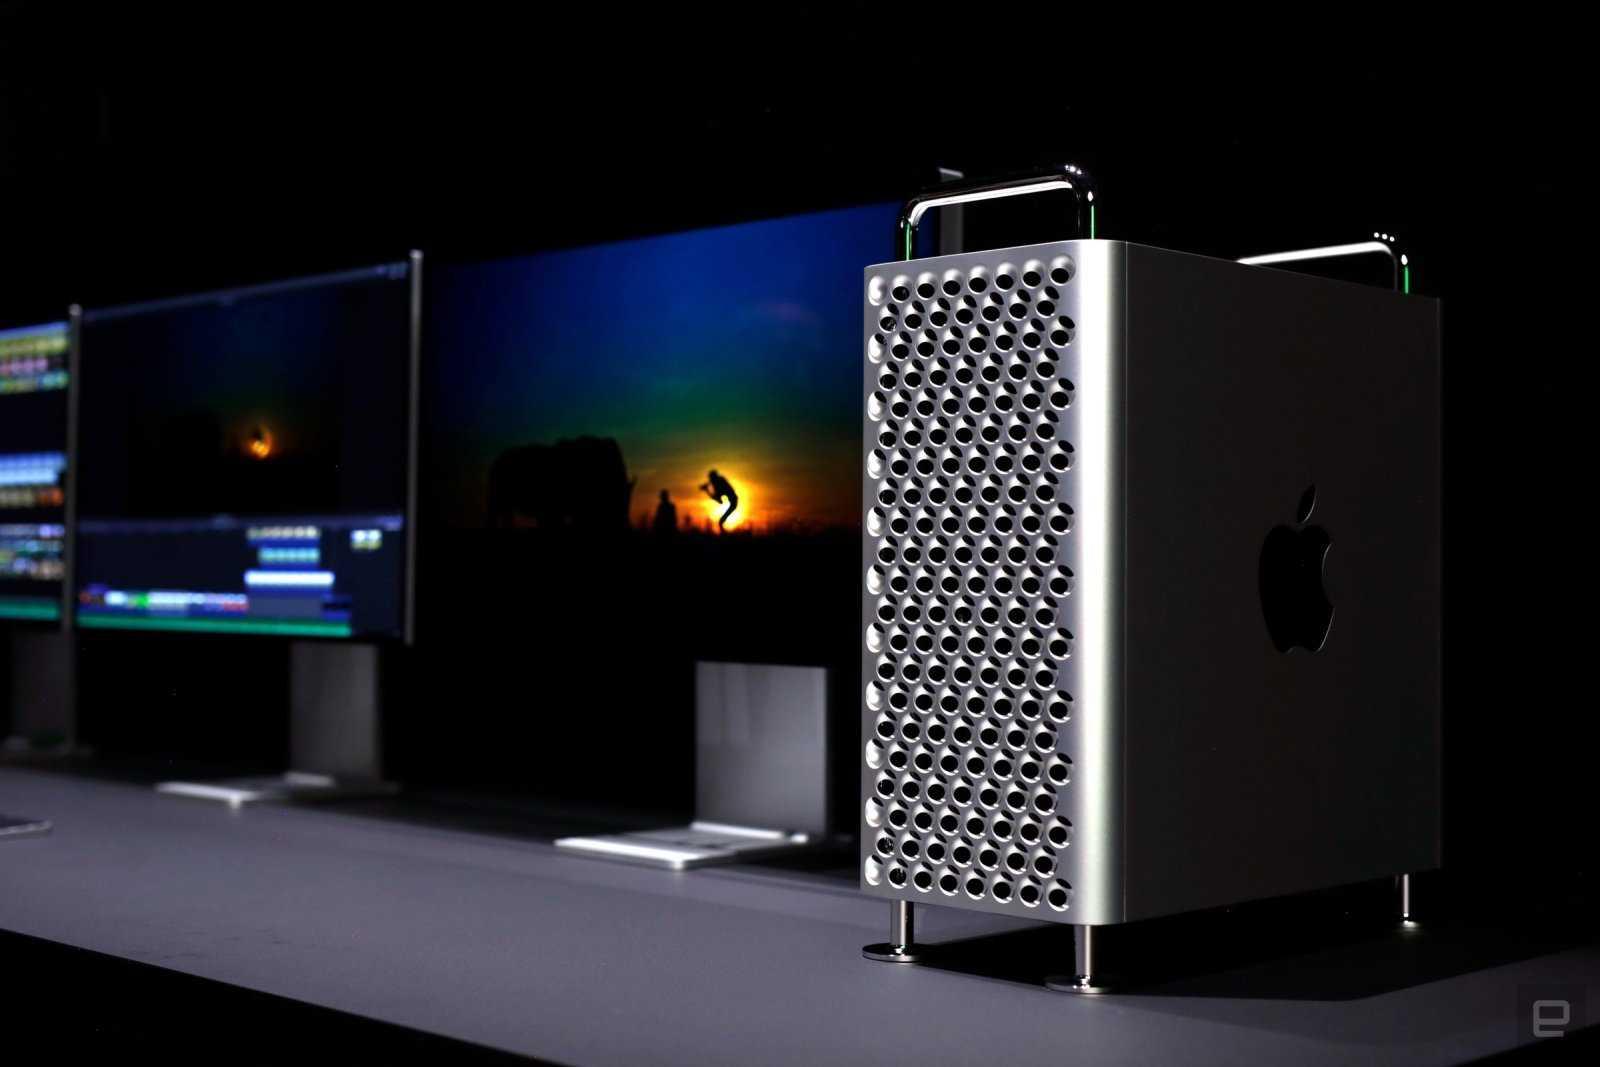 В рамках WWDC компания Apple дала понять что намерена отказаться от использования чипов Intel и хочет перейти на фирменные процессы которые используют ARM